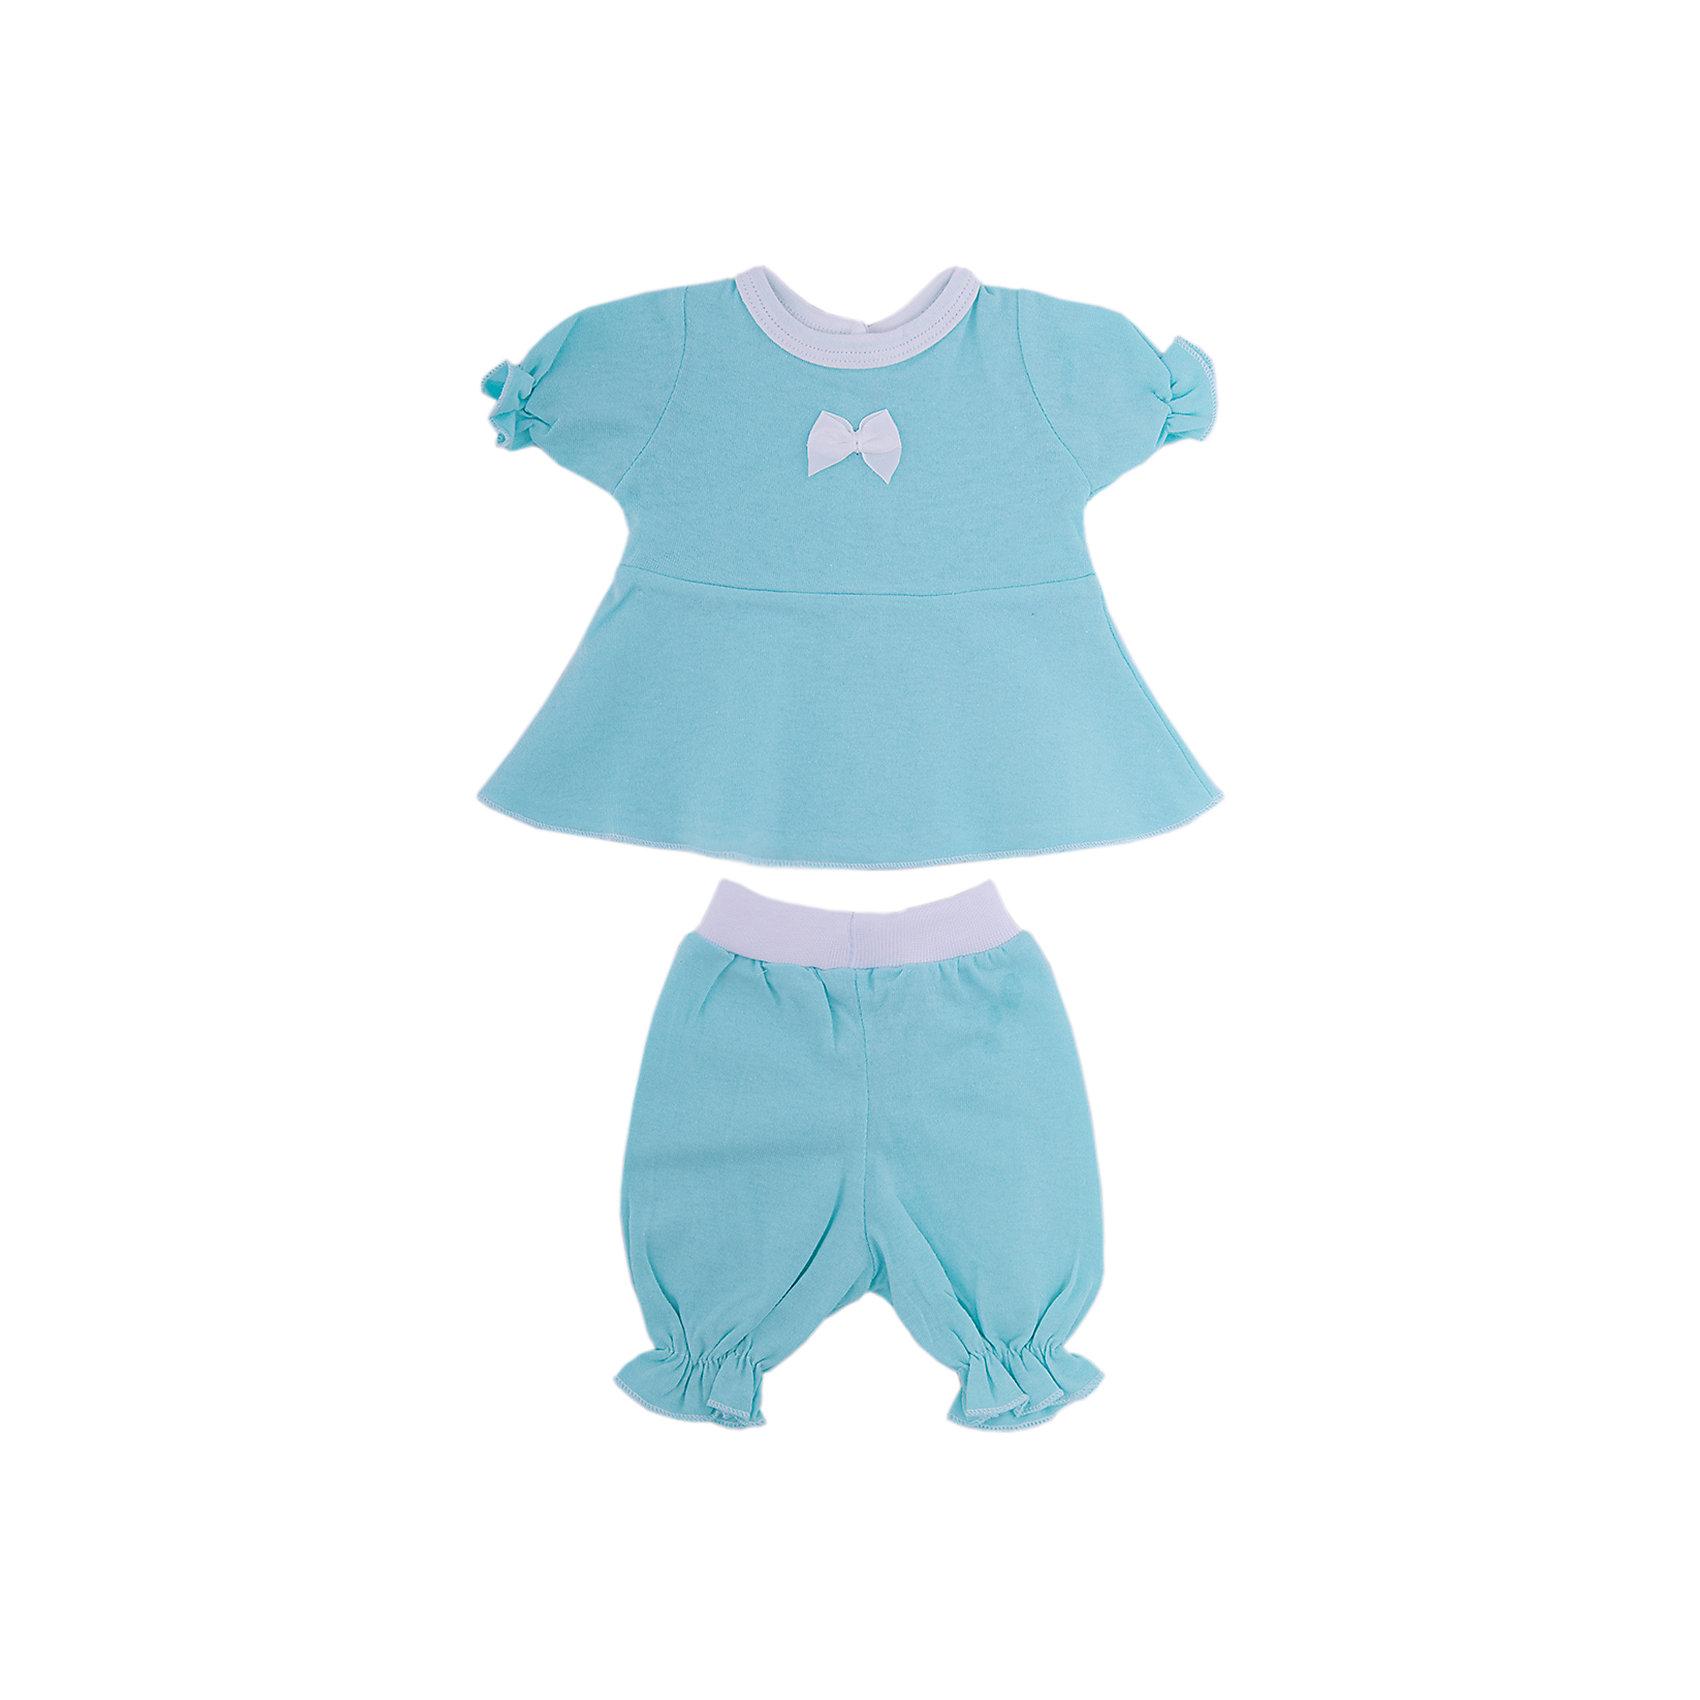 Комплект одежды для куклы 40-42см, платье и бриджи, КарапузКукольная одежда и аксессуары<br><br><br>Ширина мм: 280<br>Глубина мм: 30<br>Высота мм: 370<br>Вес г: 50<br>Возраст от месяцев: 36<br>Возраст до месяцев: 60<br>Пол: Унисекс<br>Возраст: Детский<br>SKU: 6848822